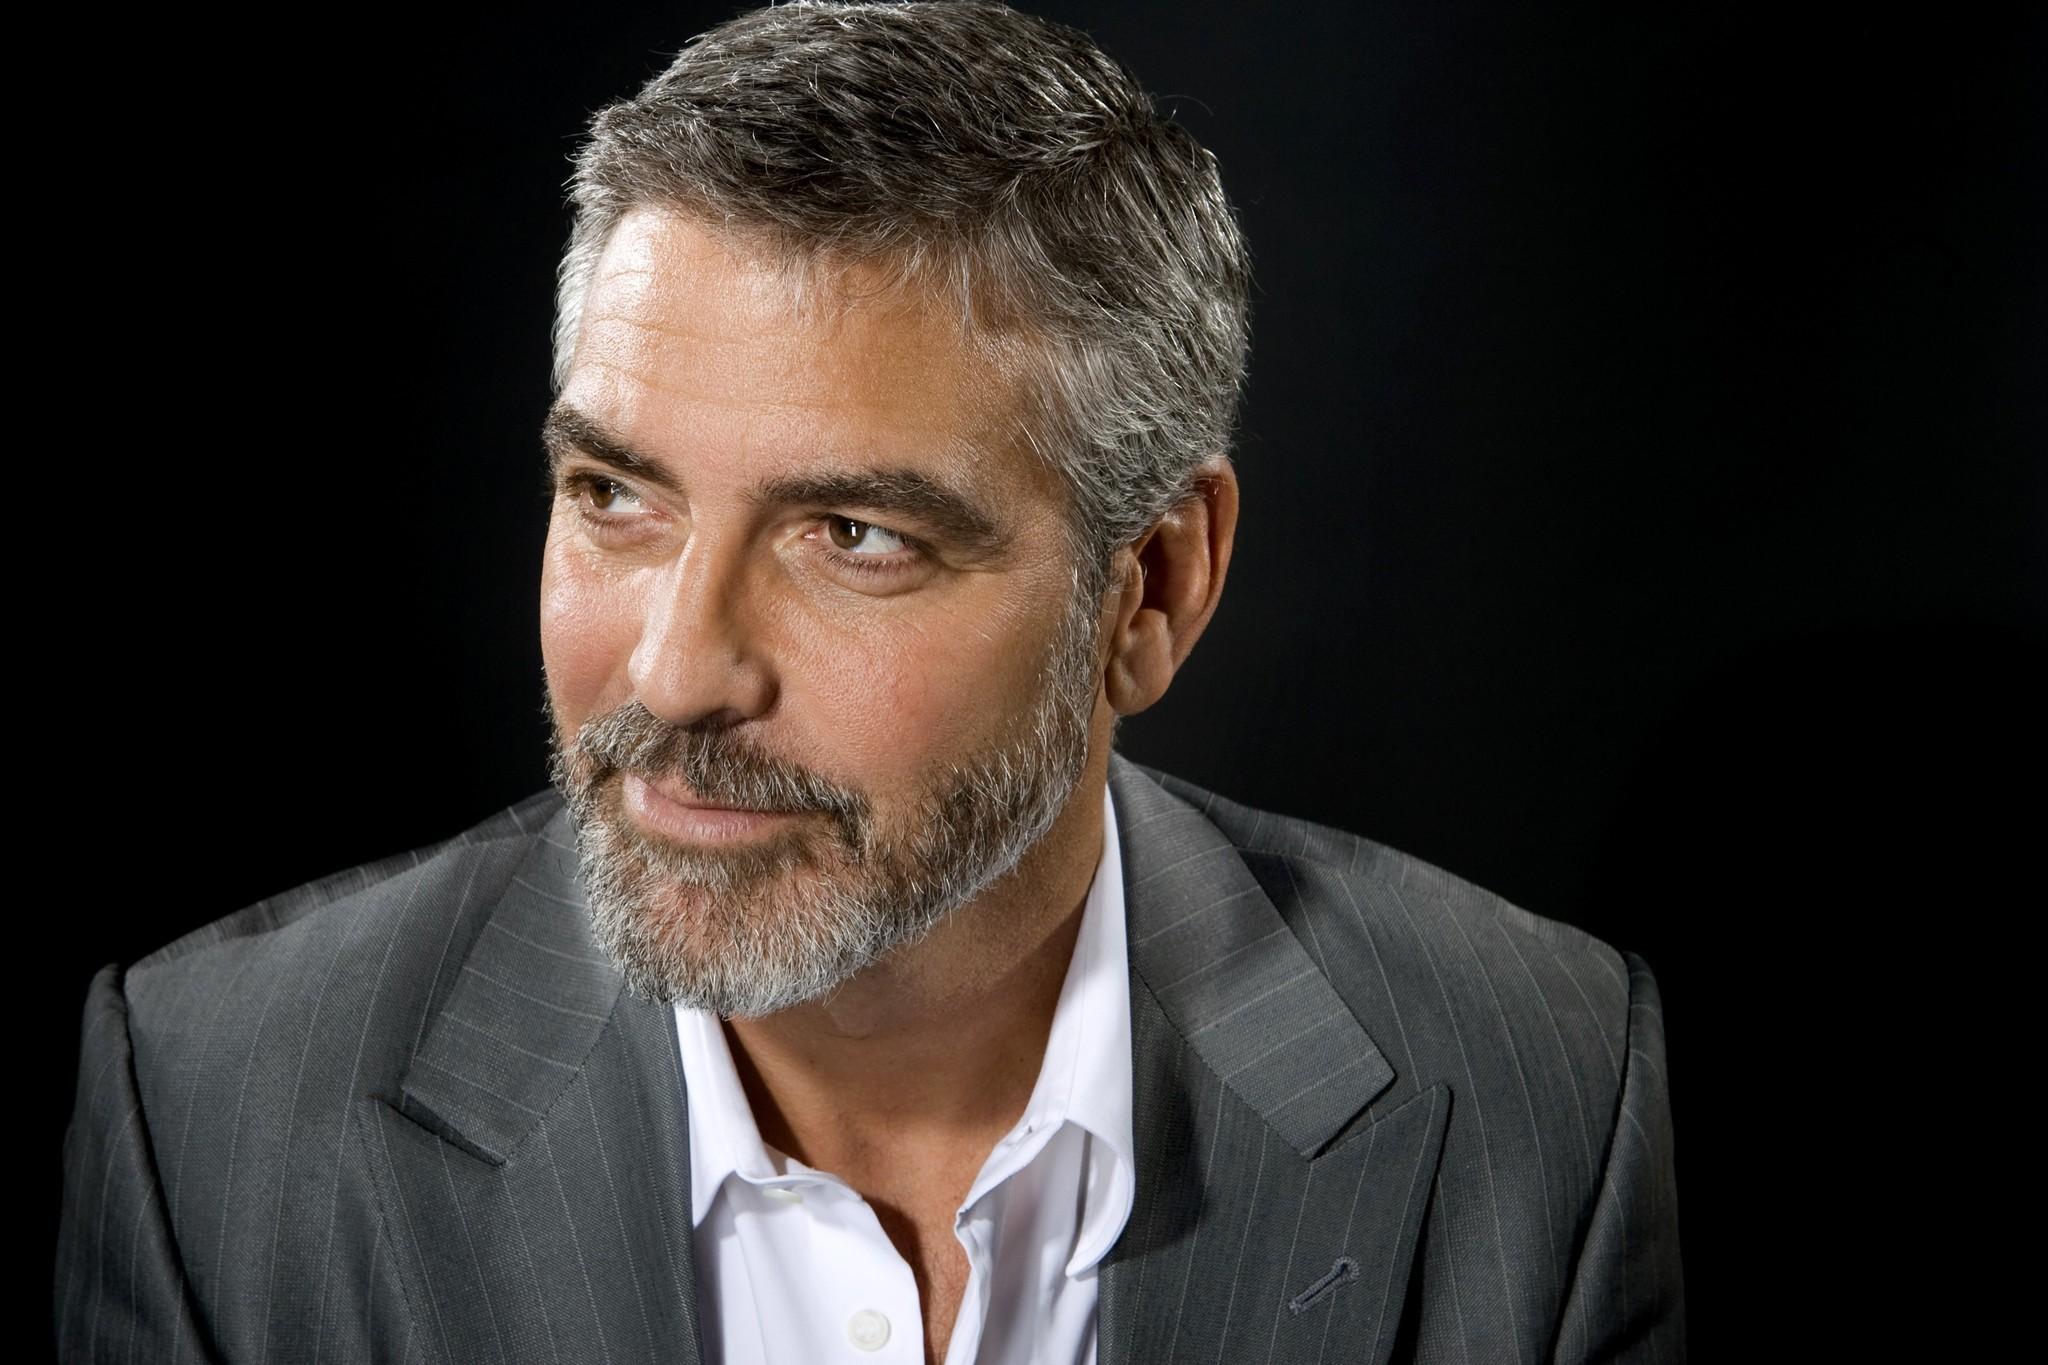 George Clooney: Επιστροφή στην τηλεόραση μετά από 20 χρόνια! | tlife.gr